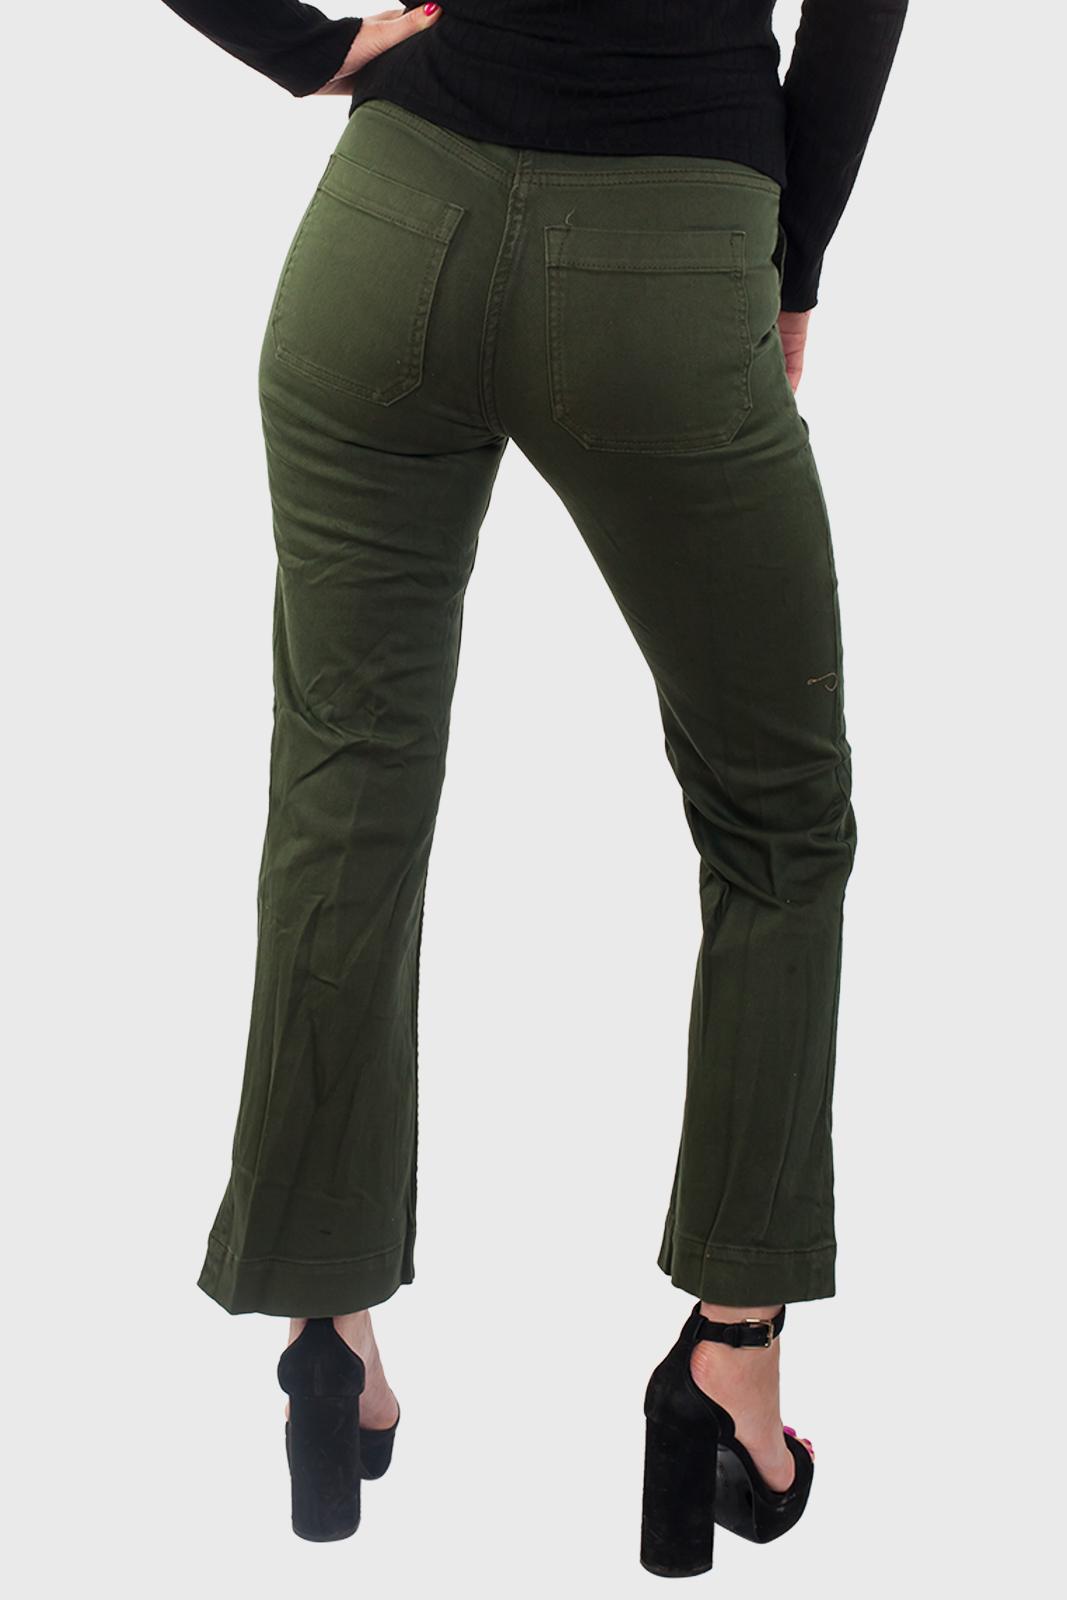 Женские джинсы цвета хаки оптом